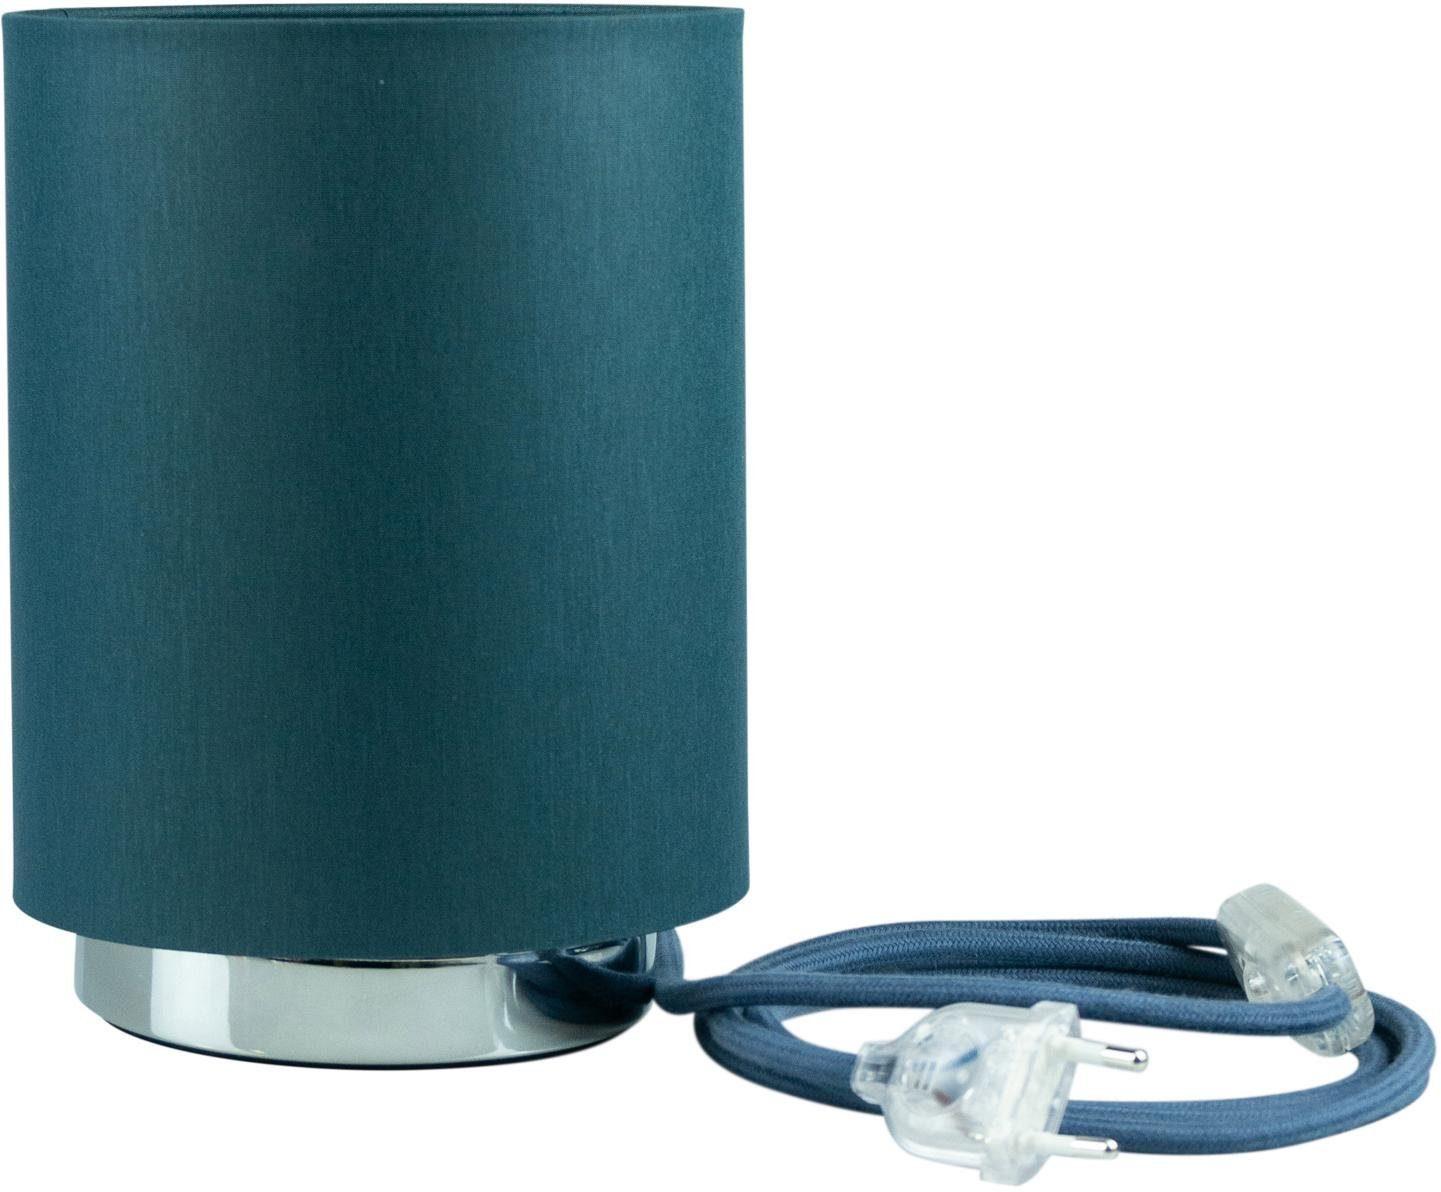 SEGULA Tischleuchte Tischlampe - Chrom-Petrol, 2m Baumwollkabel mit Schalter, E27, Mit Schalter